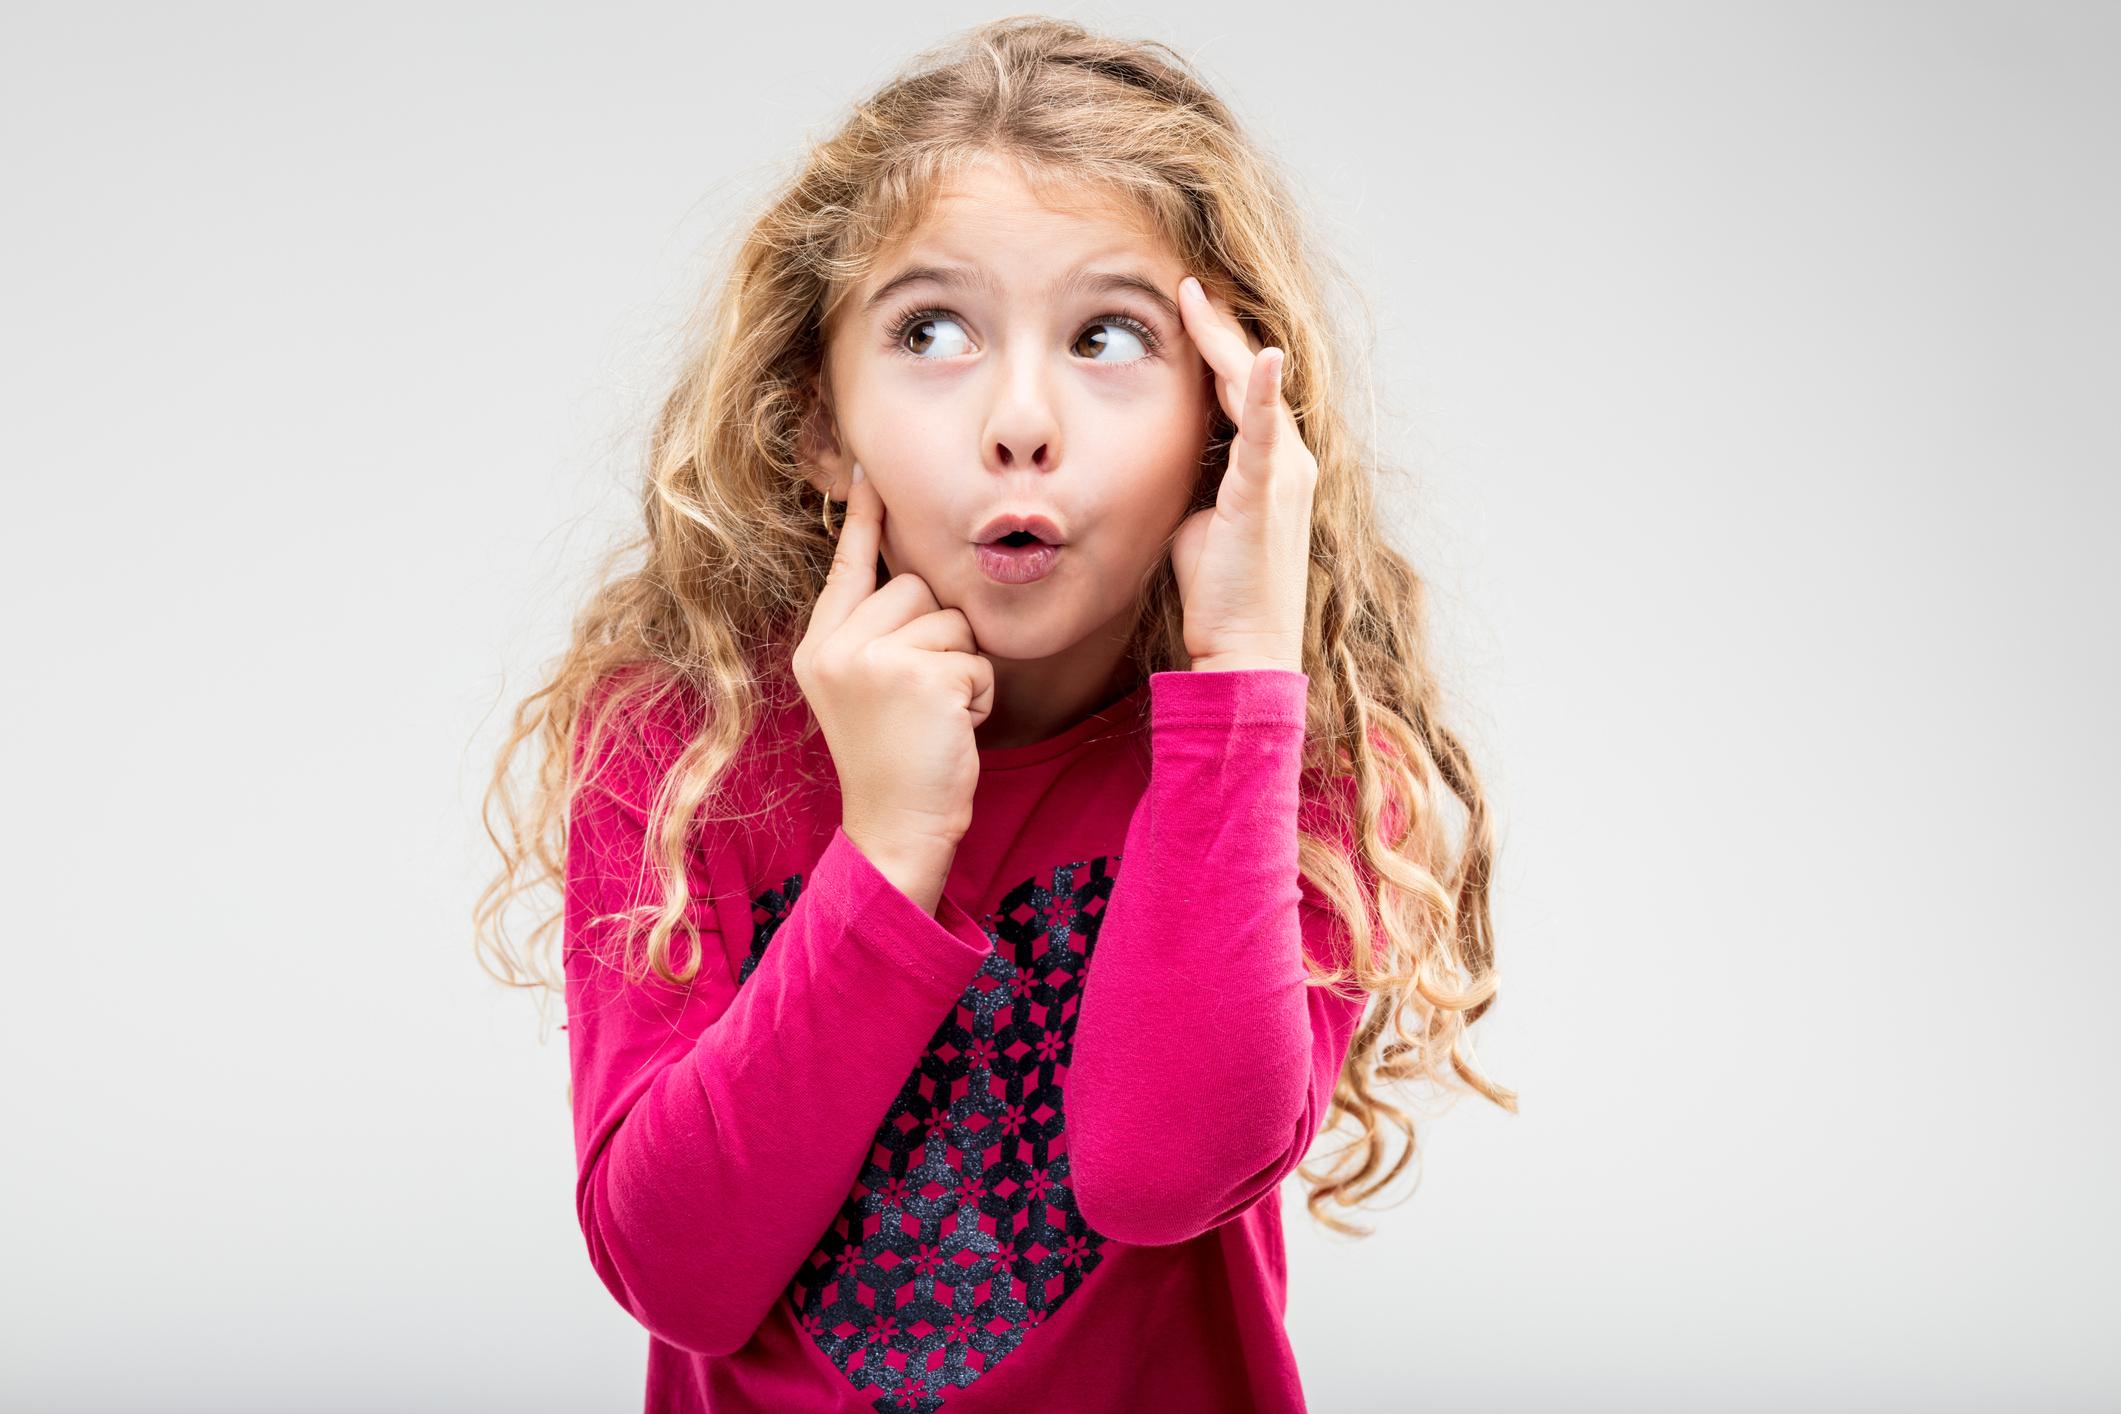 Як відповісти дитині, звідки беруться діти: простий гід складного питання